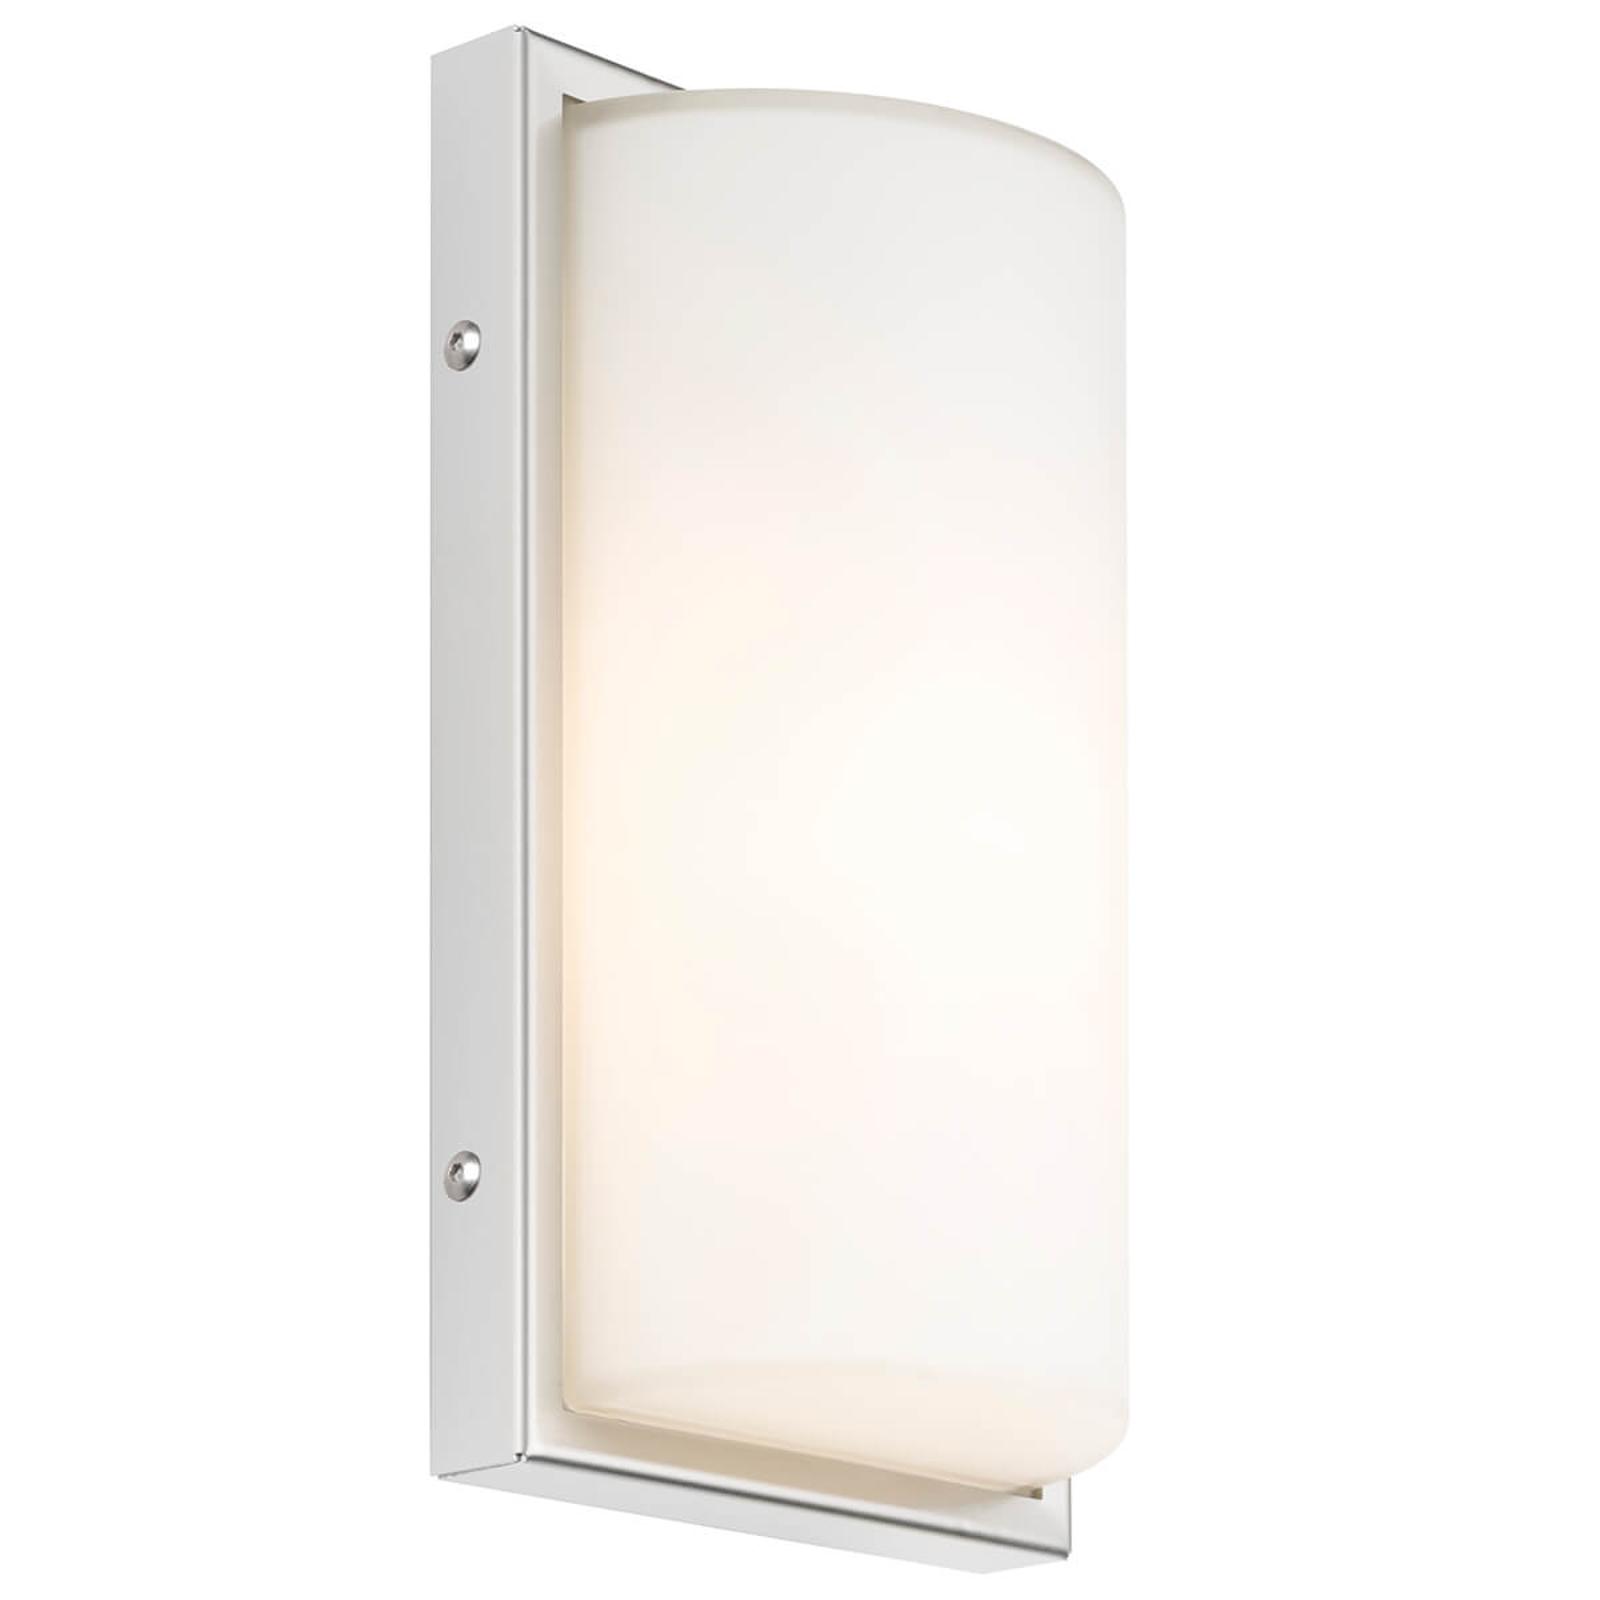 Applique d'extérieur LED 040 avec capteur, blanche